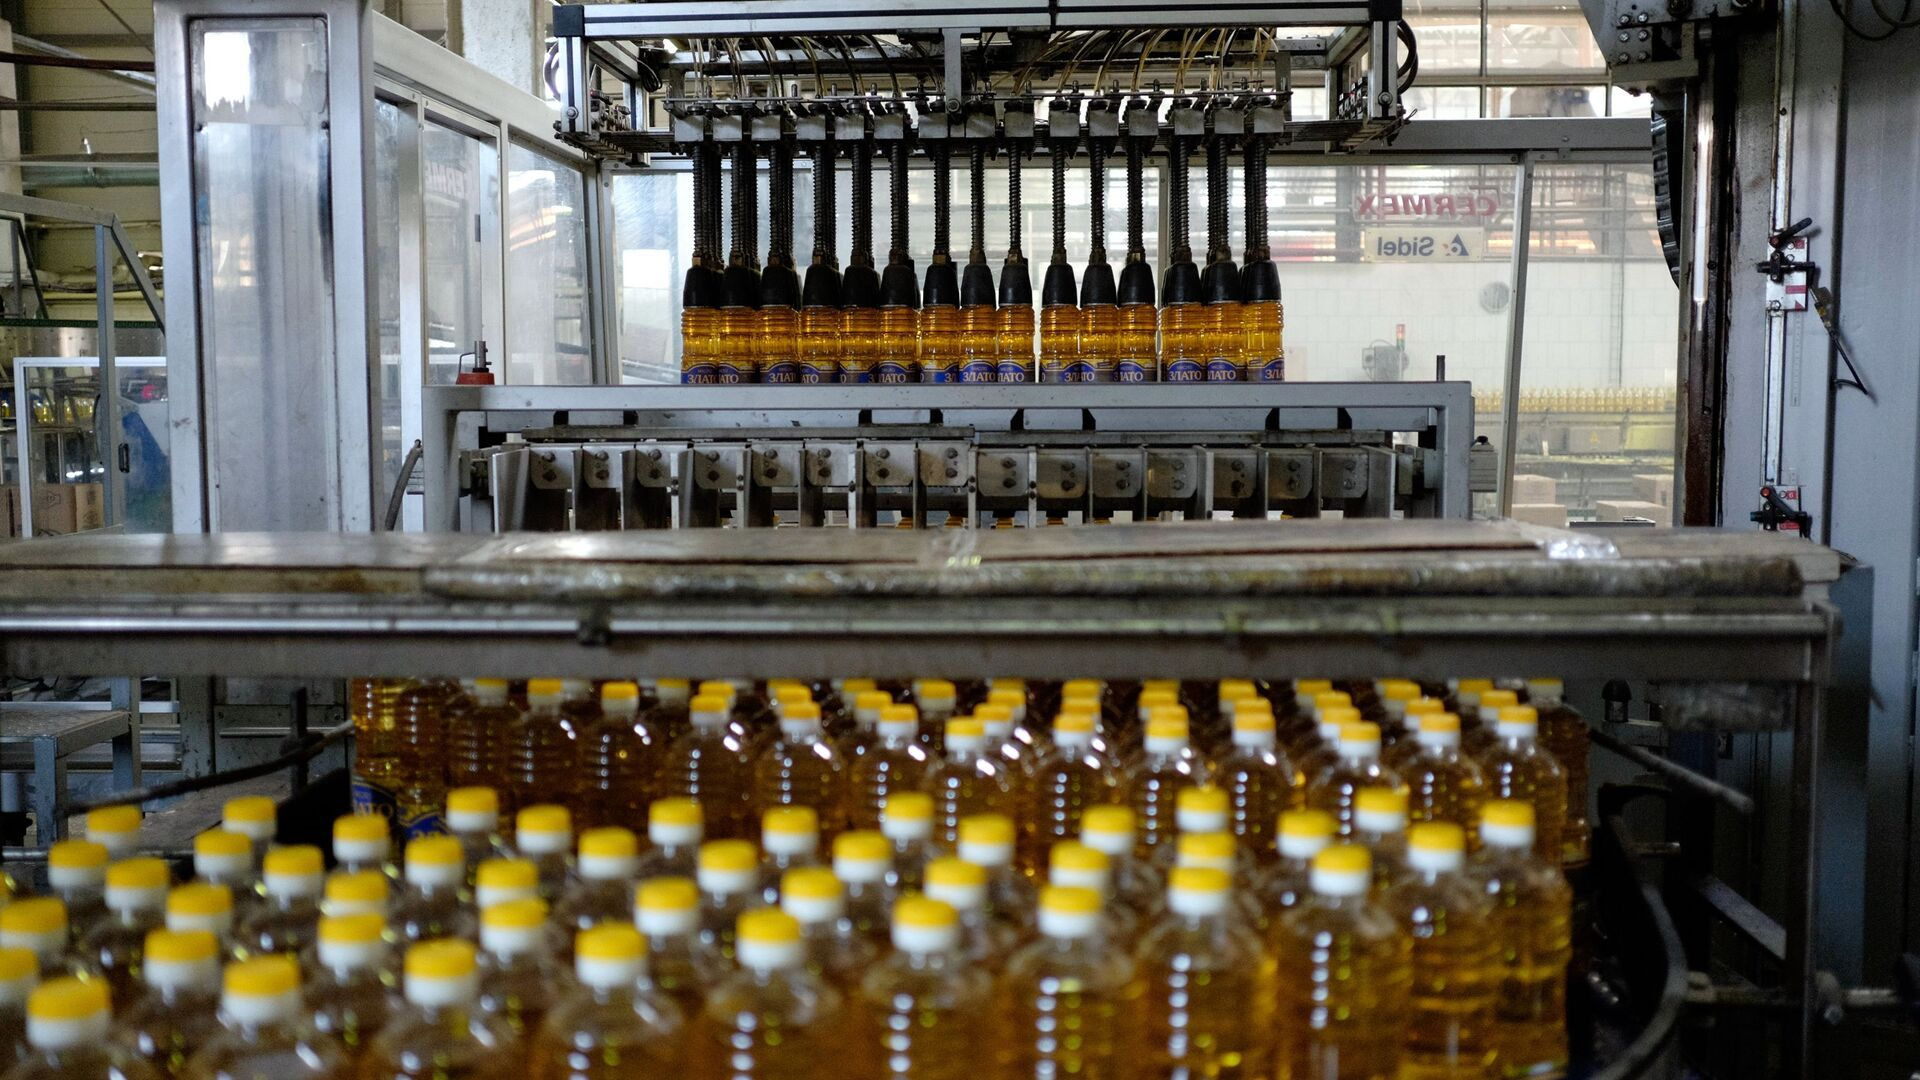 Produzione di olio vegetale in Russia - Sputnik Italia, 1920, 11.06.2021